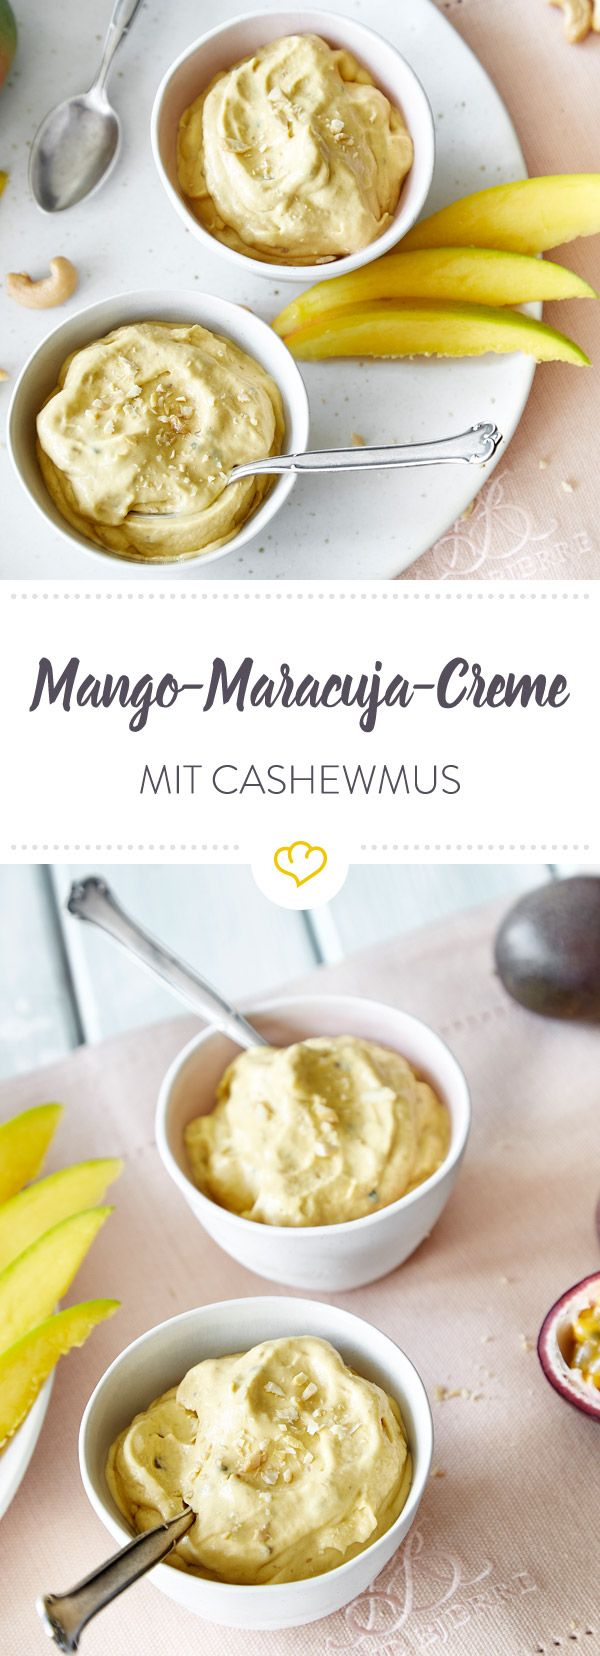 Ein cremiges Dessert ohne raffinierten Zucker? Dank gefrorener Mango, Maracujas, Datteln und Cashewmus machst du dein cleanes Dessert mit links.